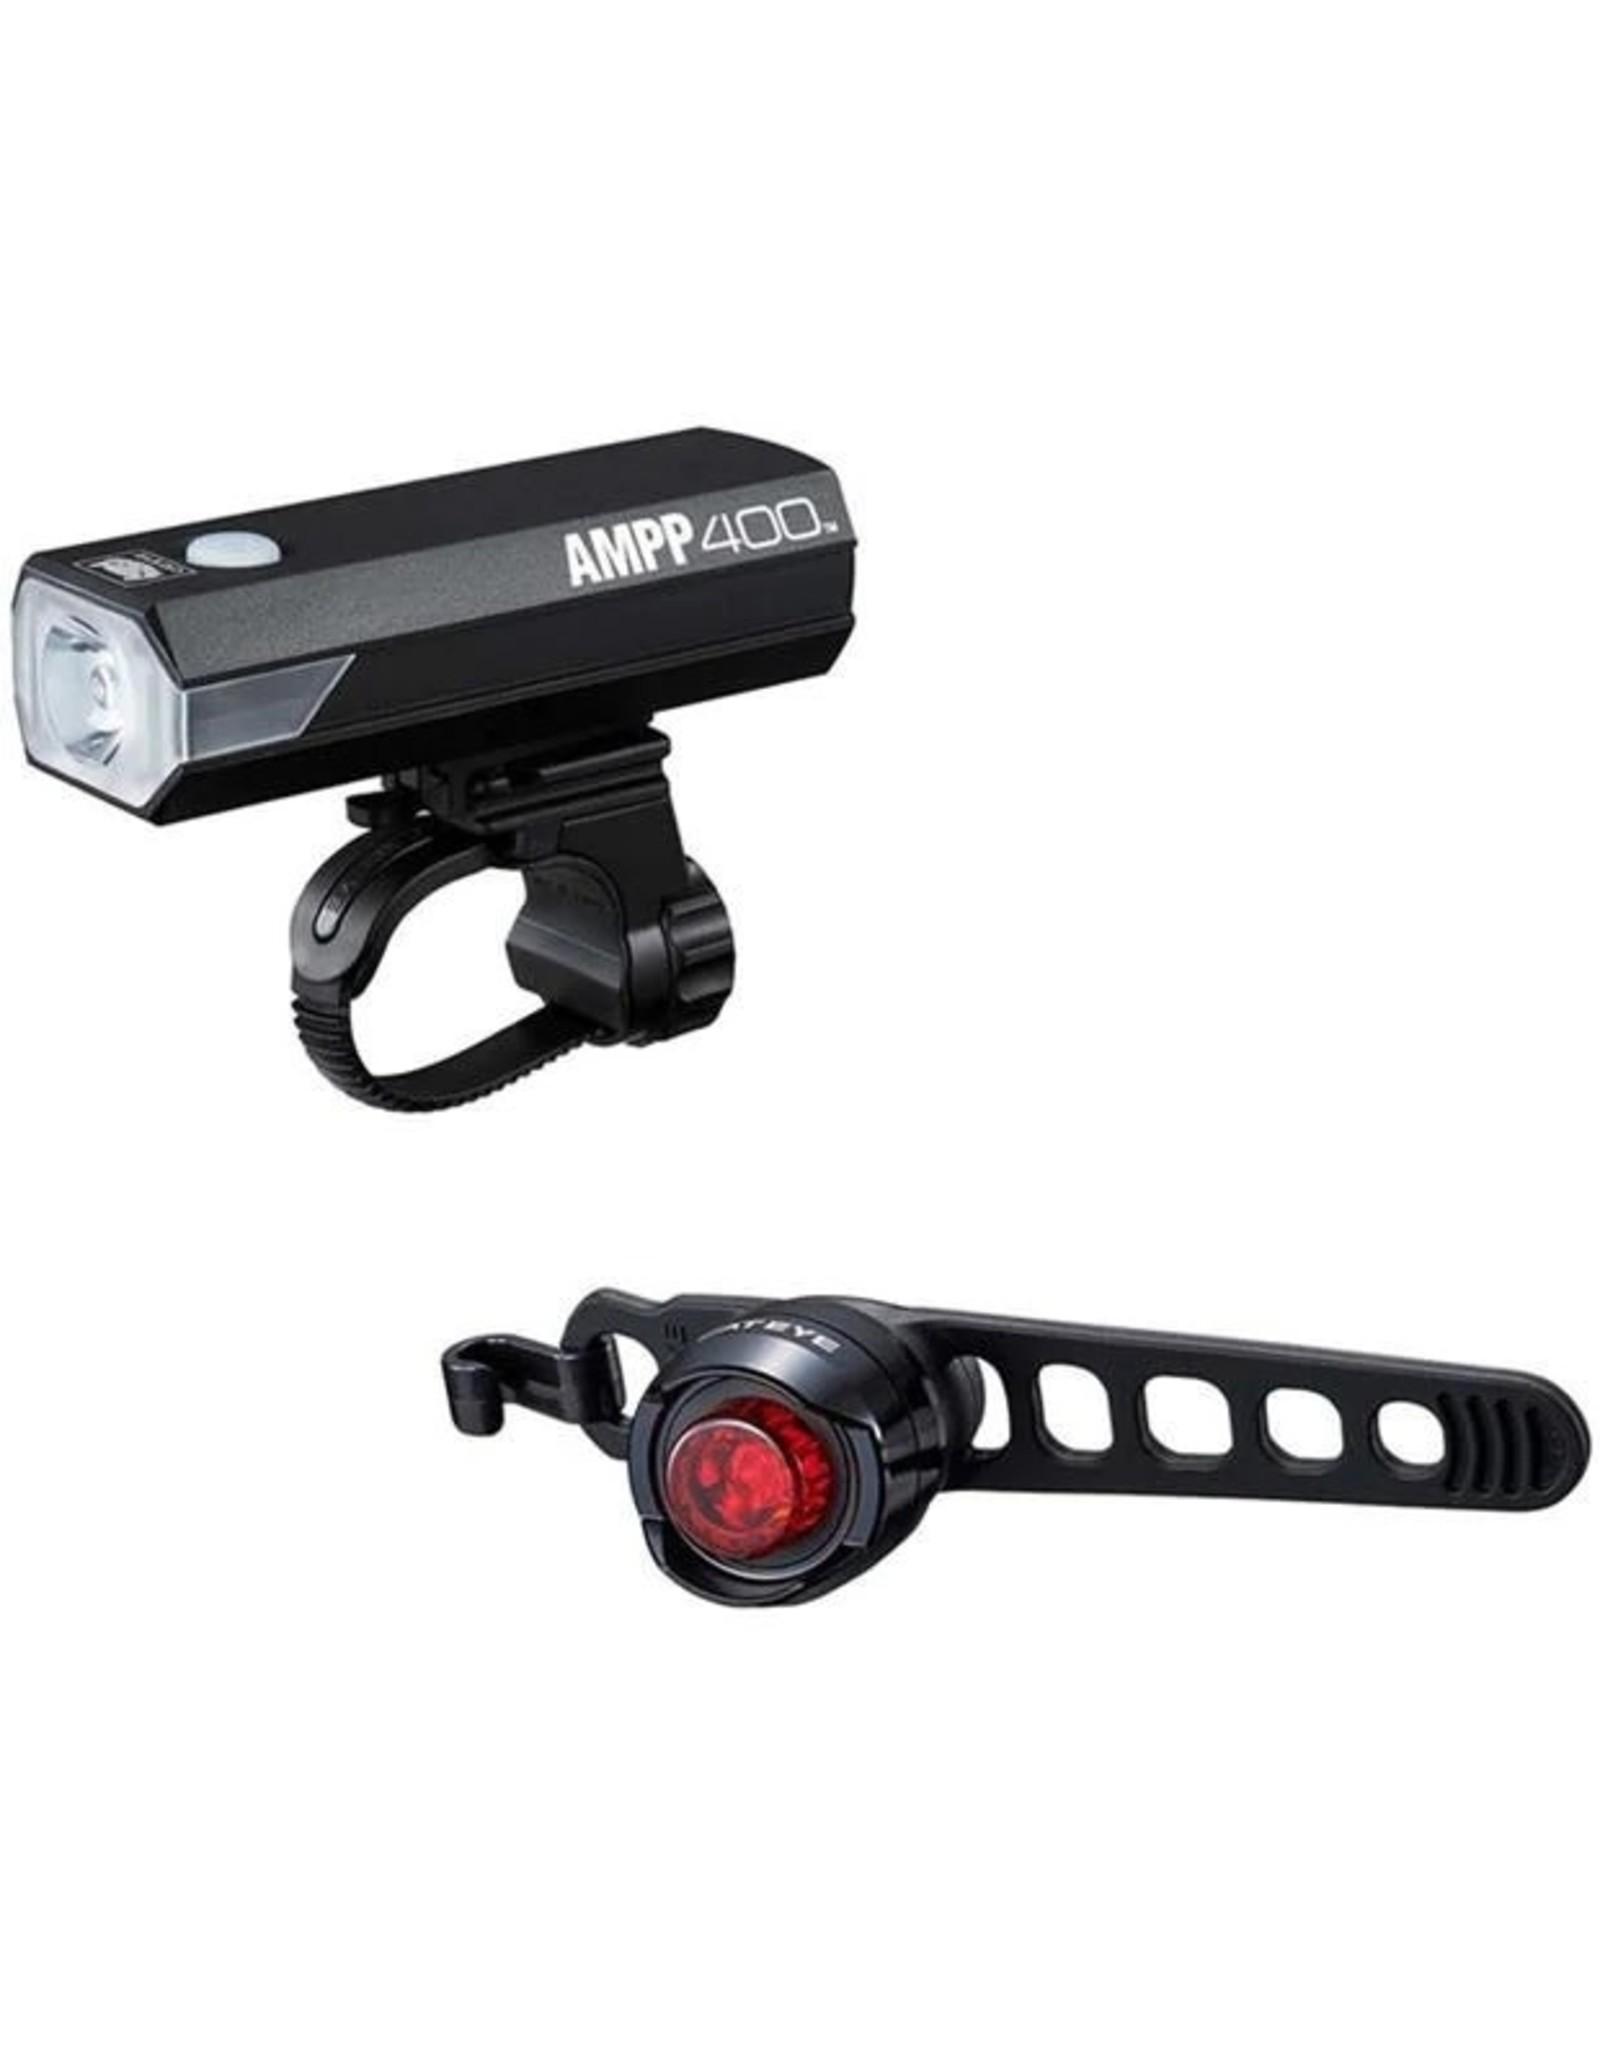 CatEye Cat Eye, AMPP 400 Headlight + ORB rear, Light set